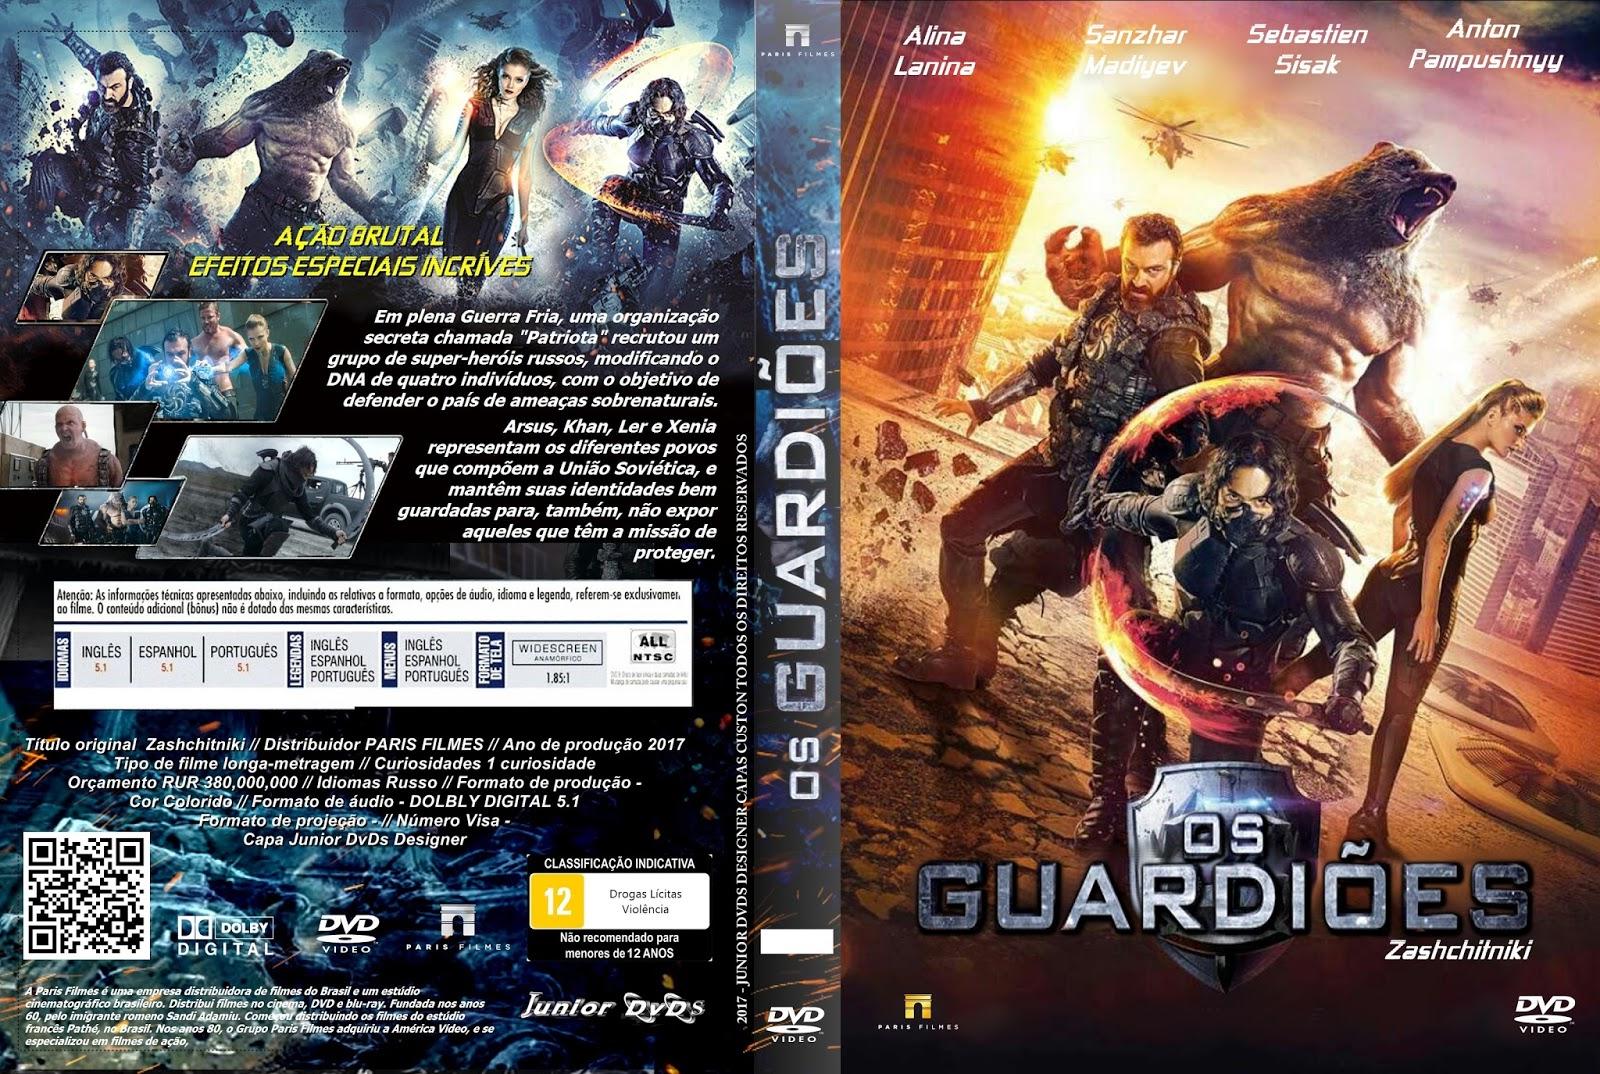 Filmes Russos for download os guardiões bdrip dual Áudio - xandao download™